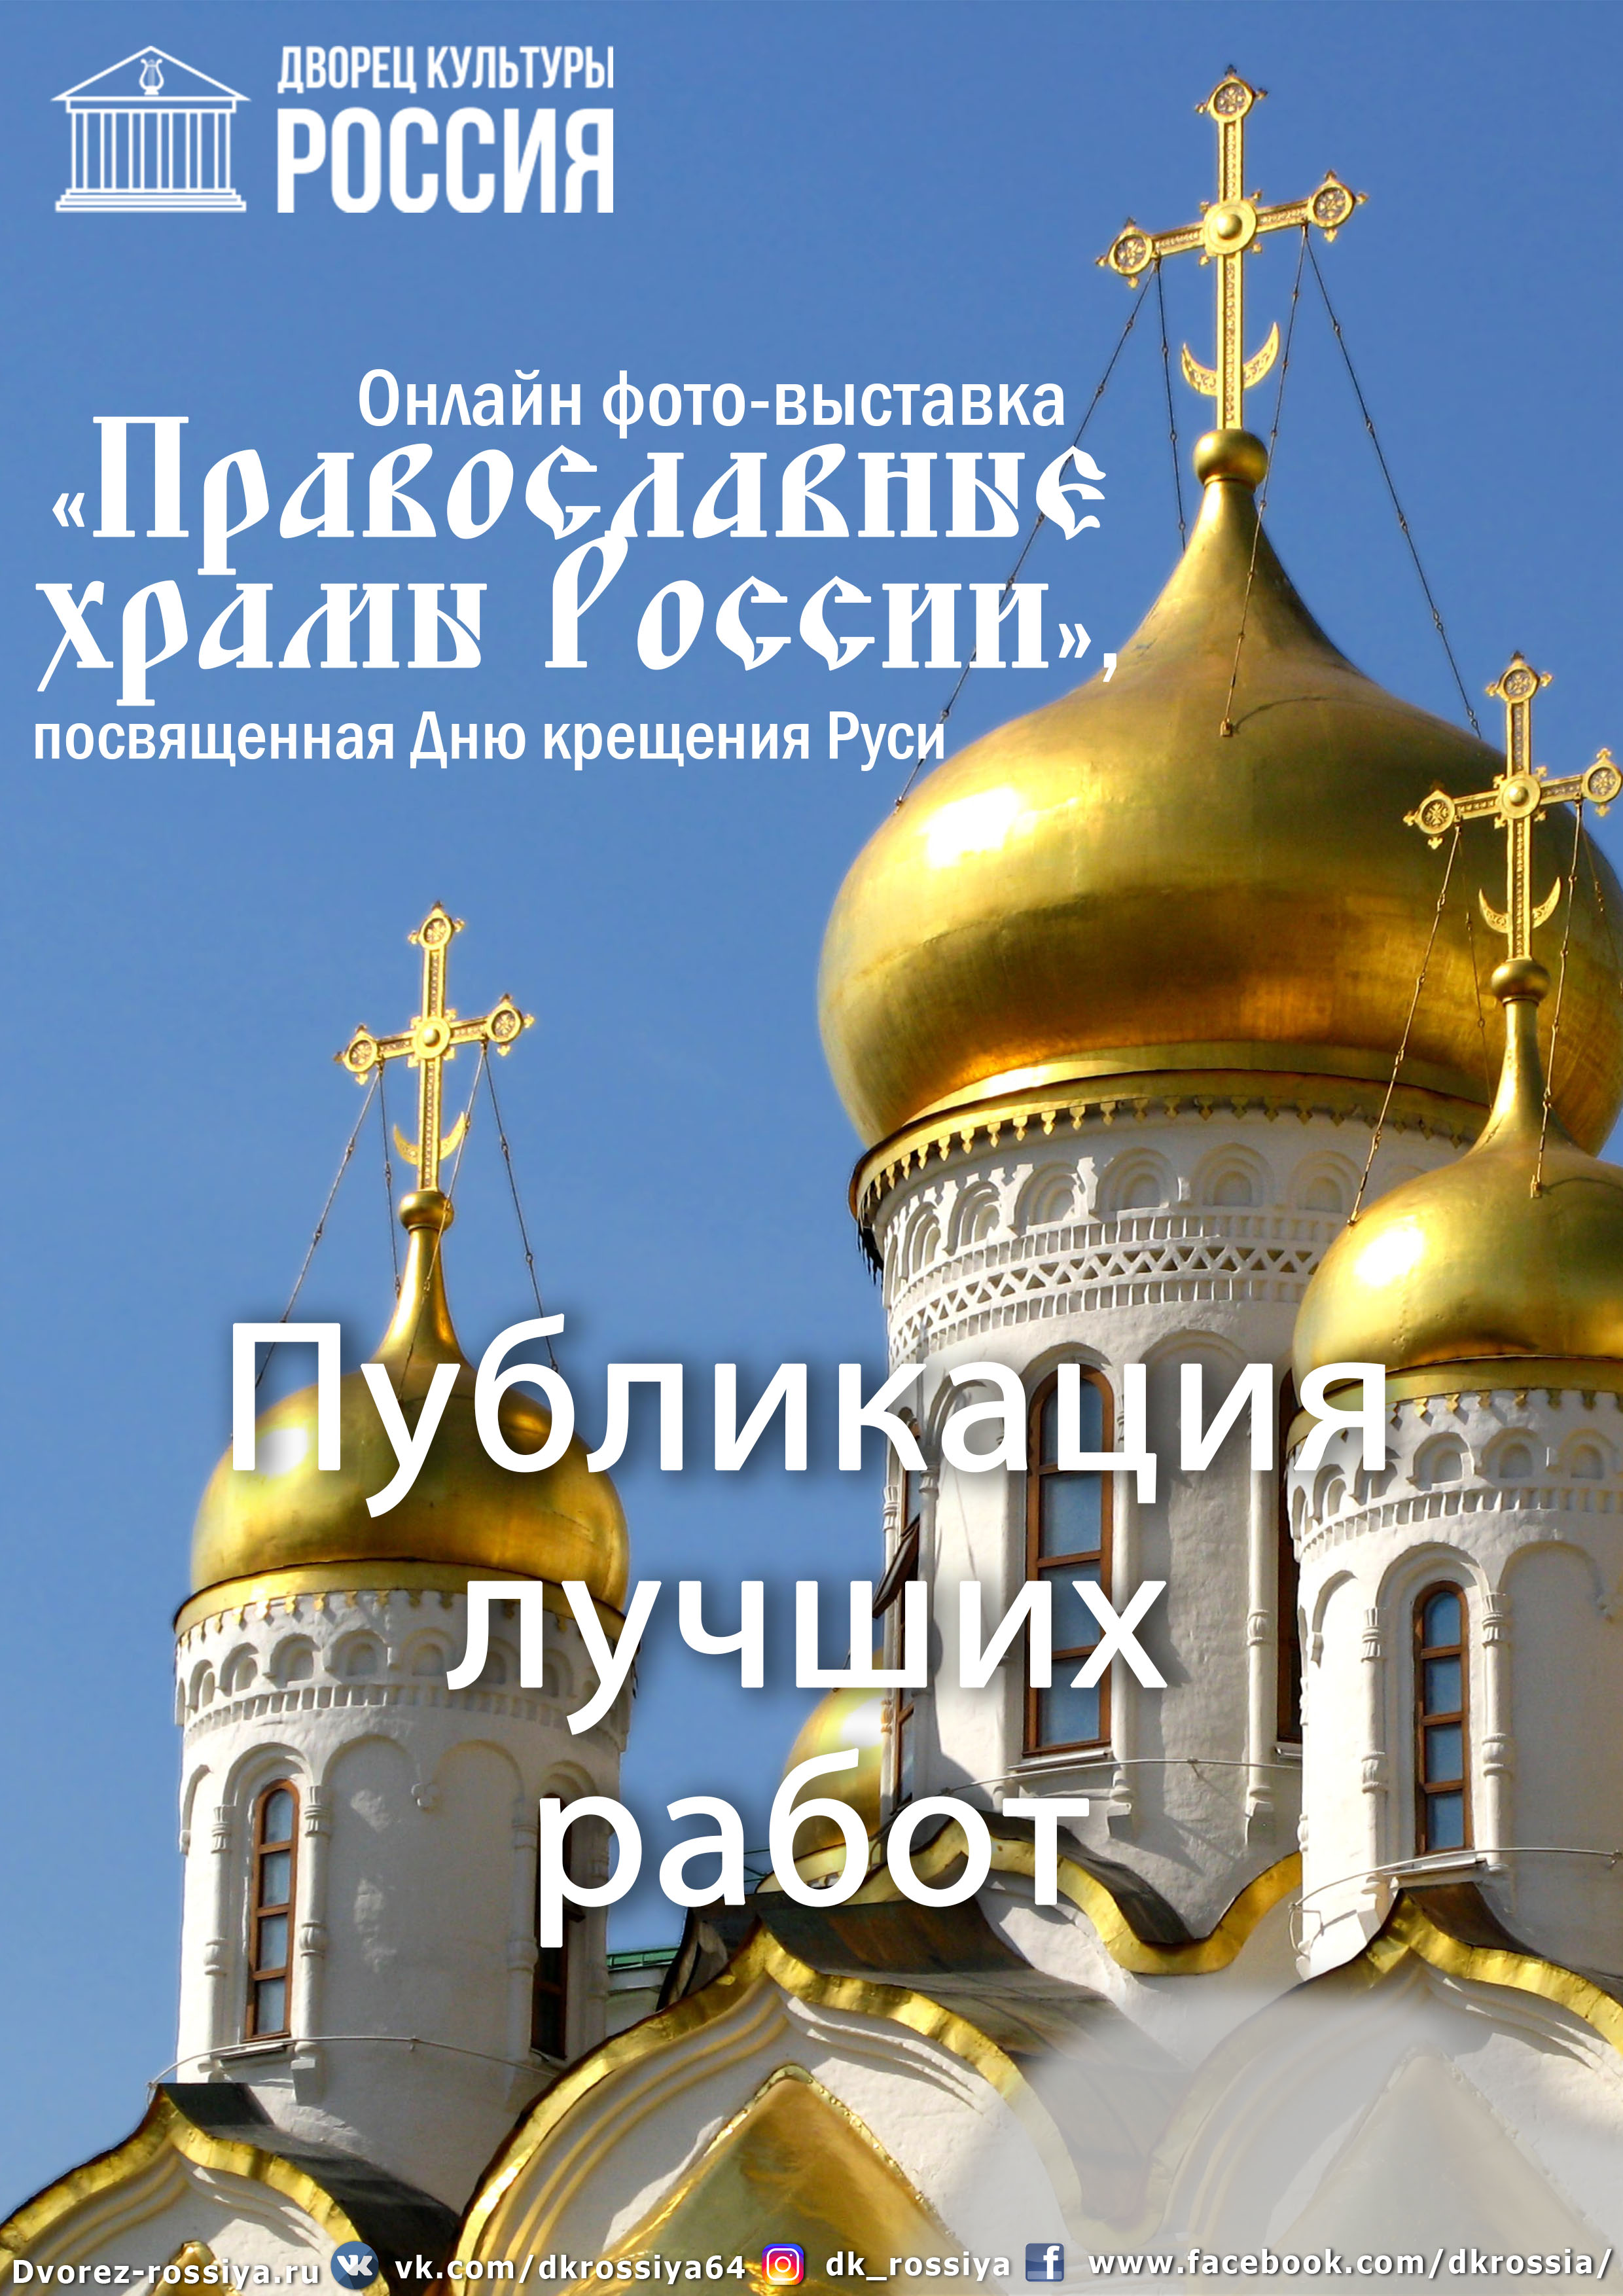 Публикация лучших работ. Онлайн фото-выставка «Православные храмы России».